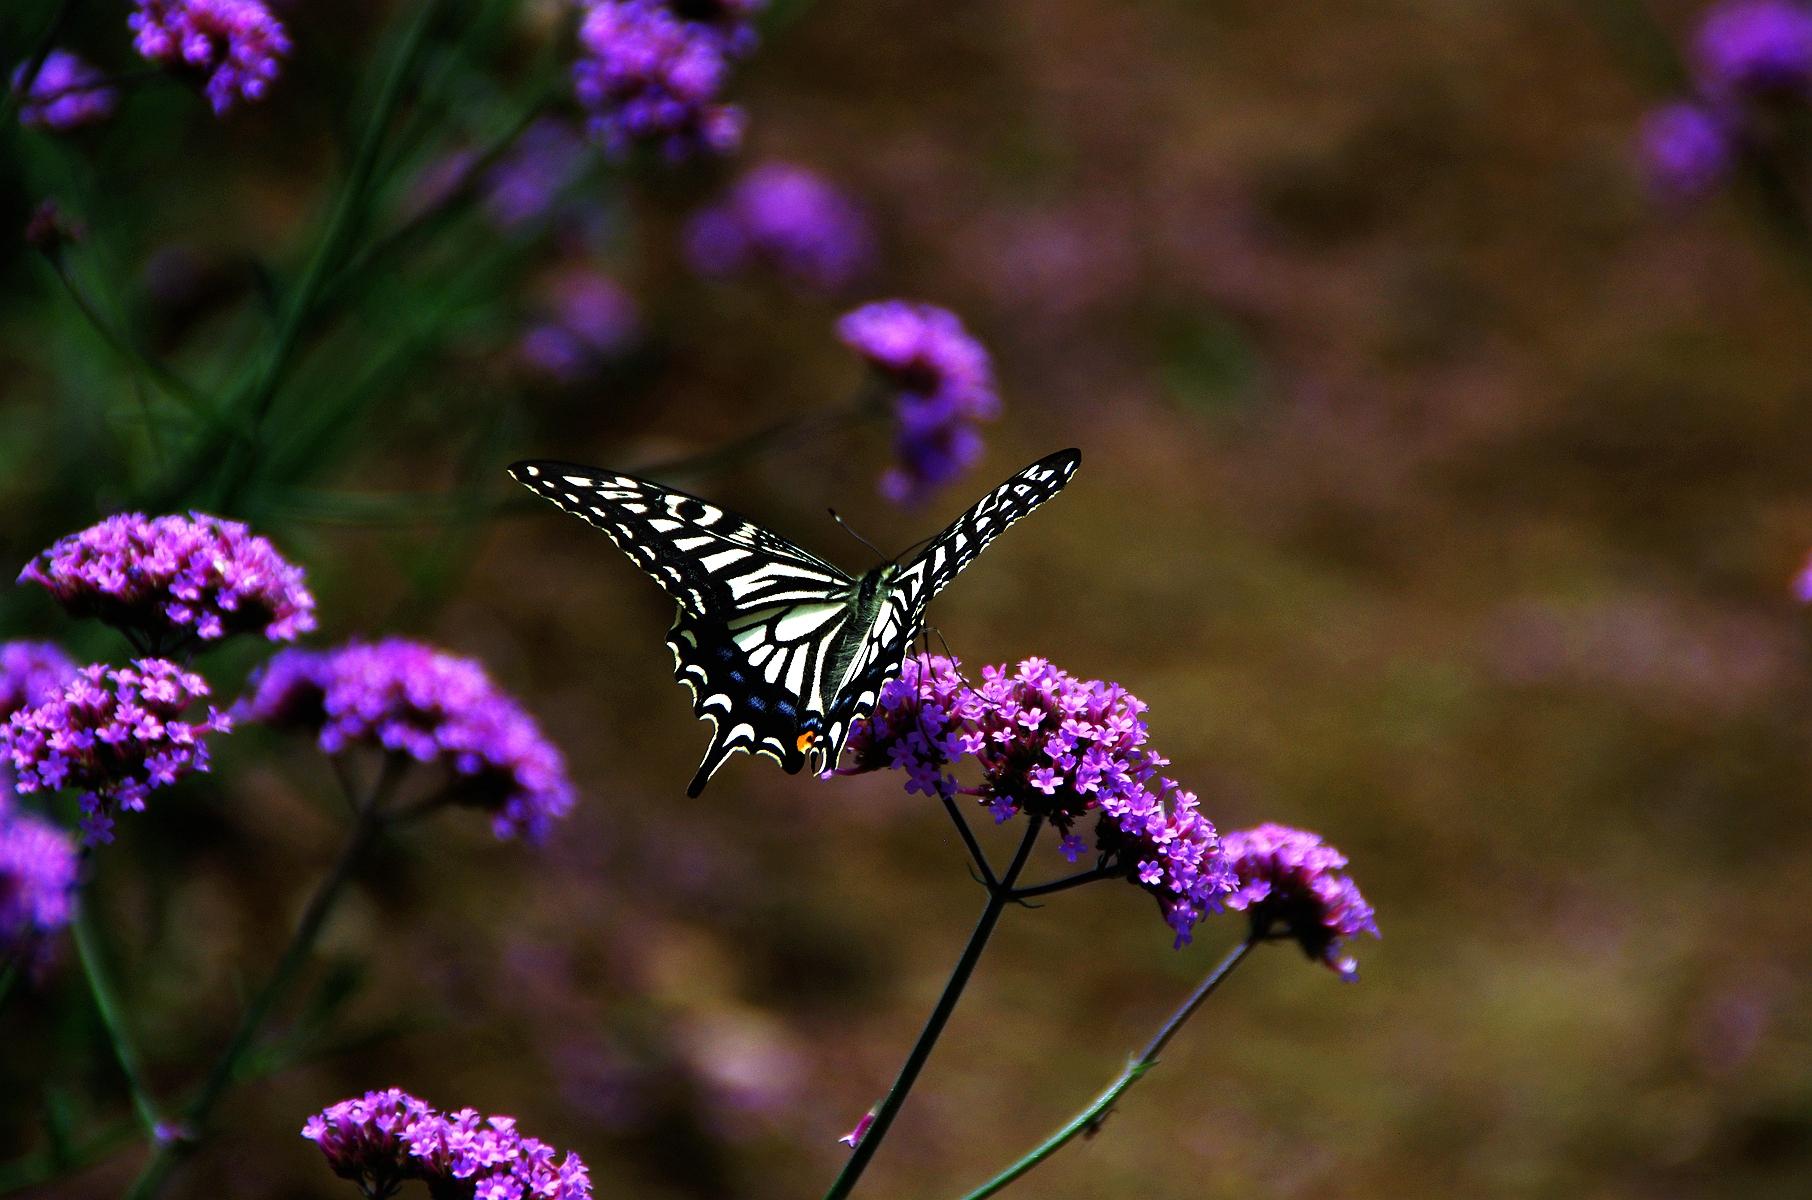 十堰的普罗旺斯方滩乡沉潭河薰衣草紫色花海的天堂